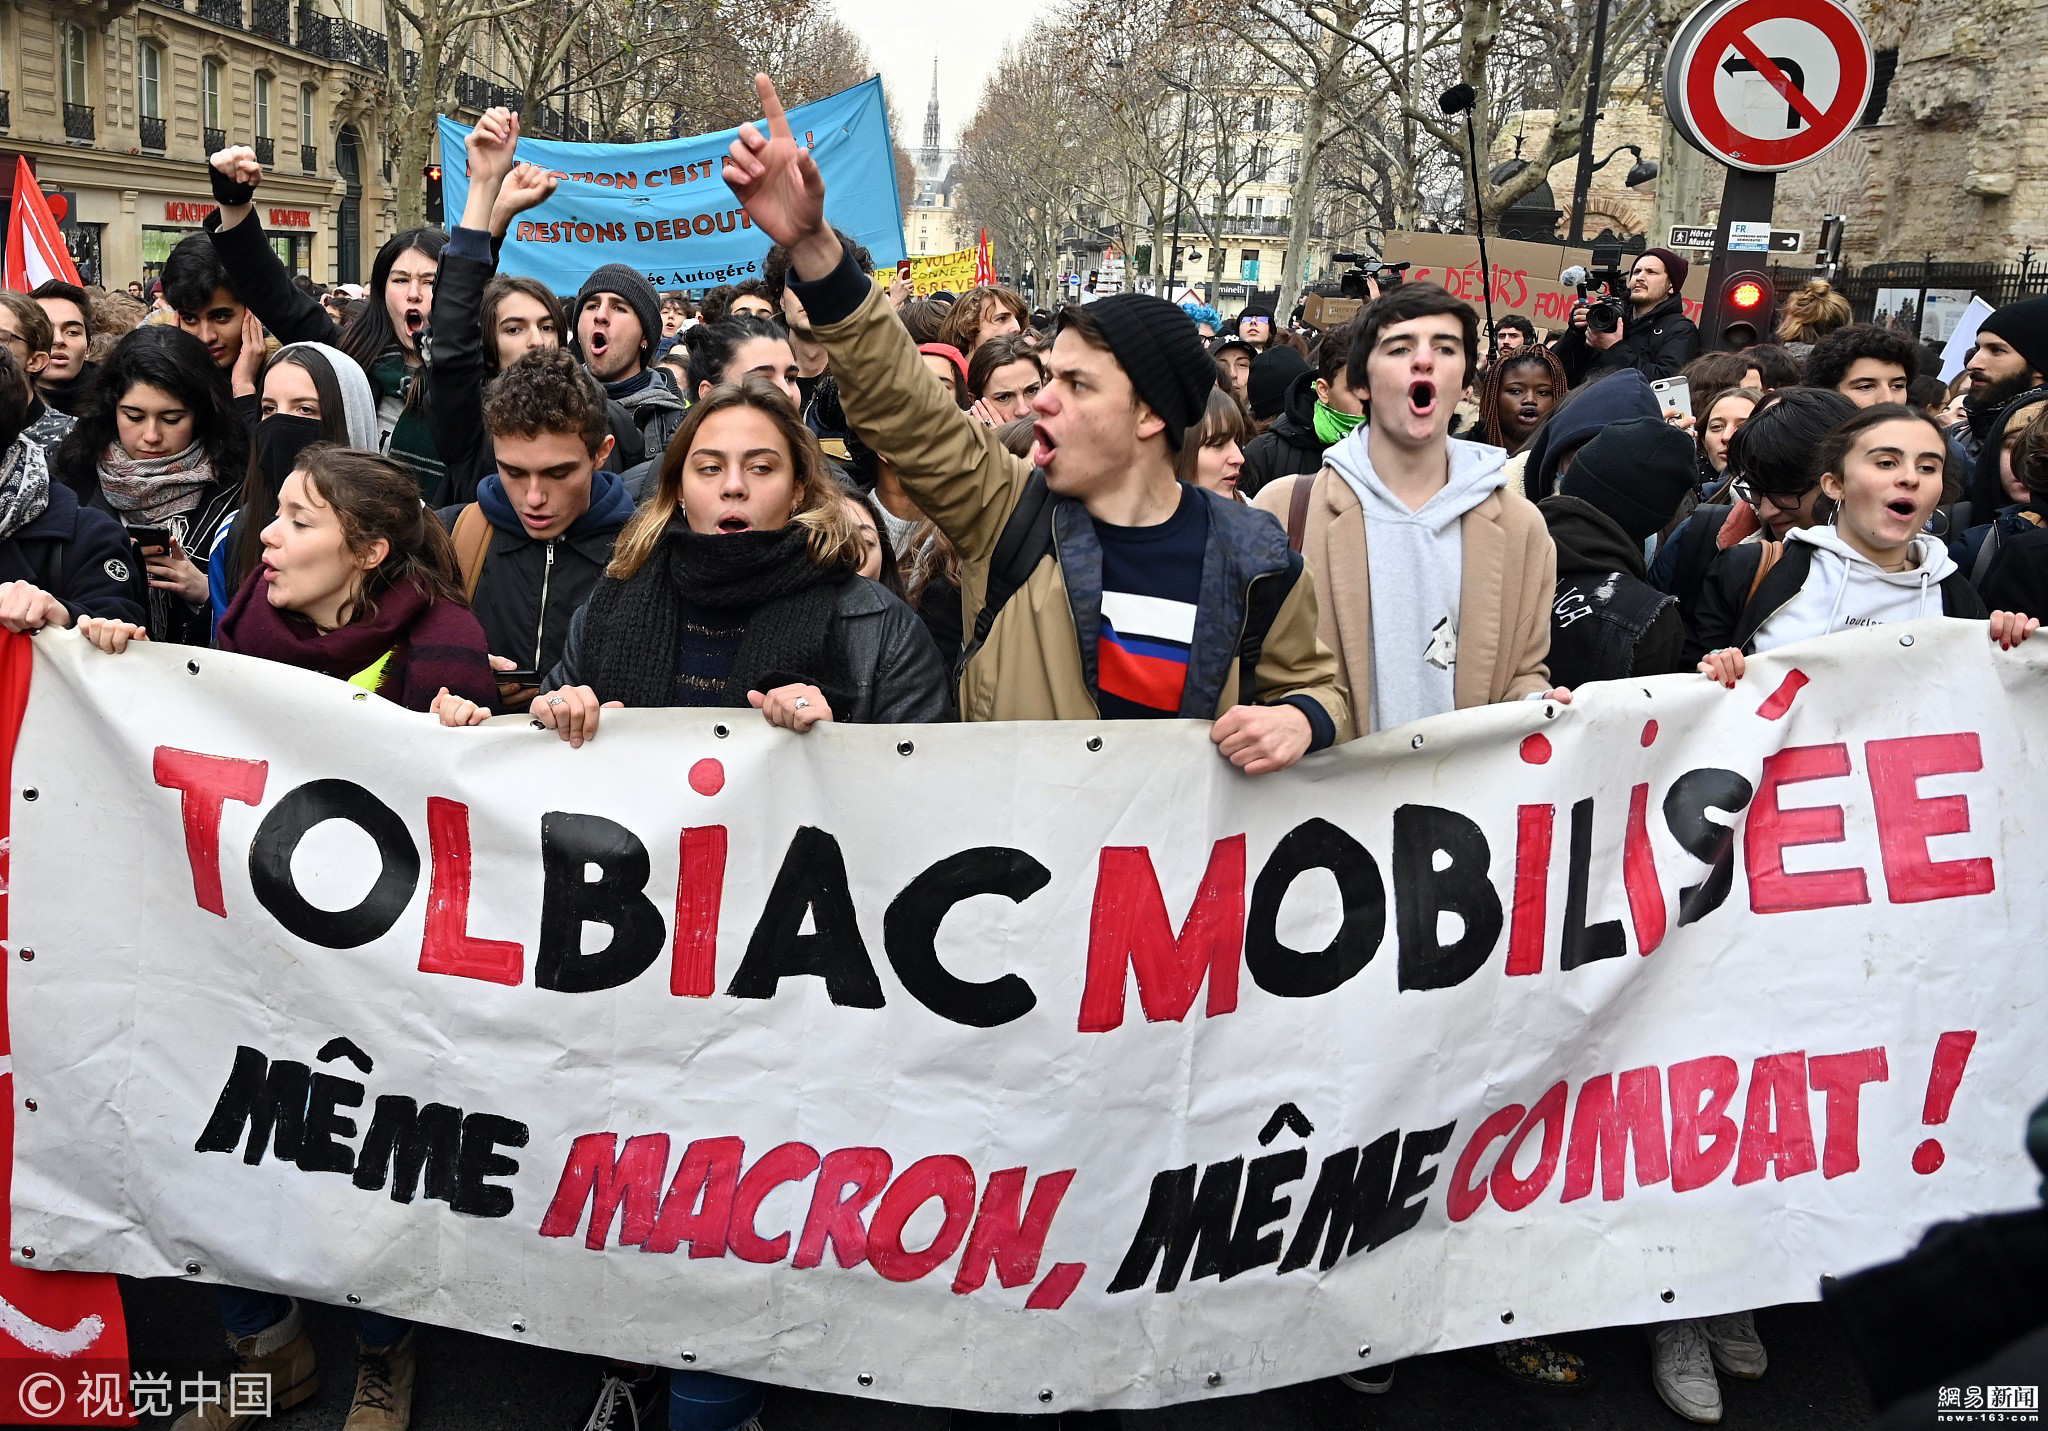 法国学生抗议教育改革 走上街头示威游行